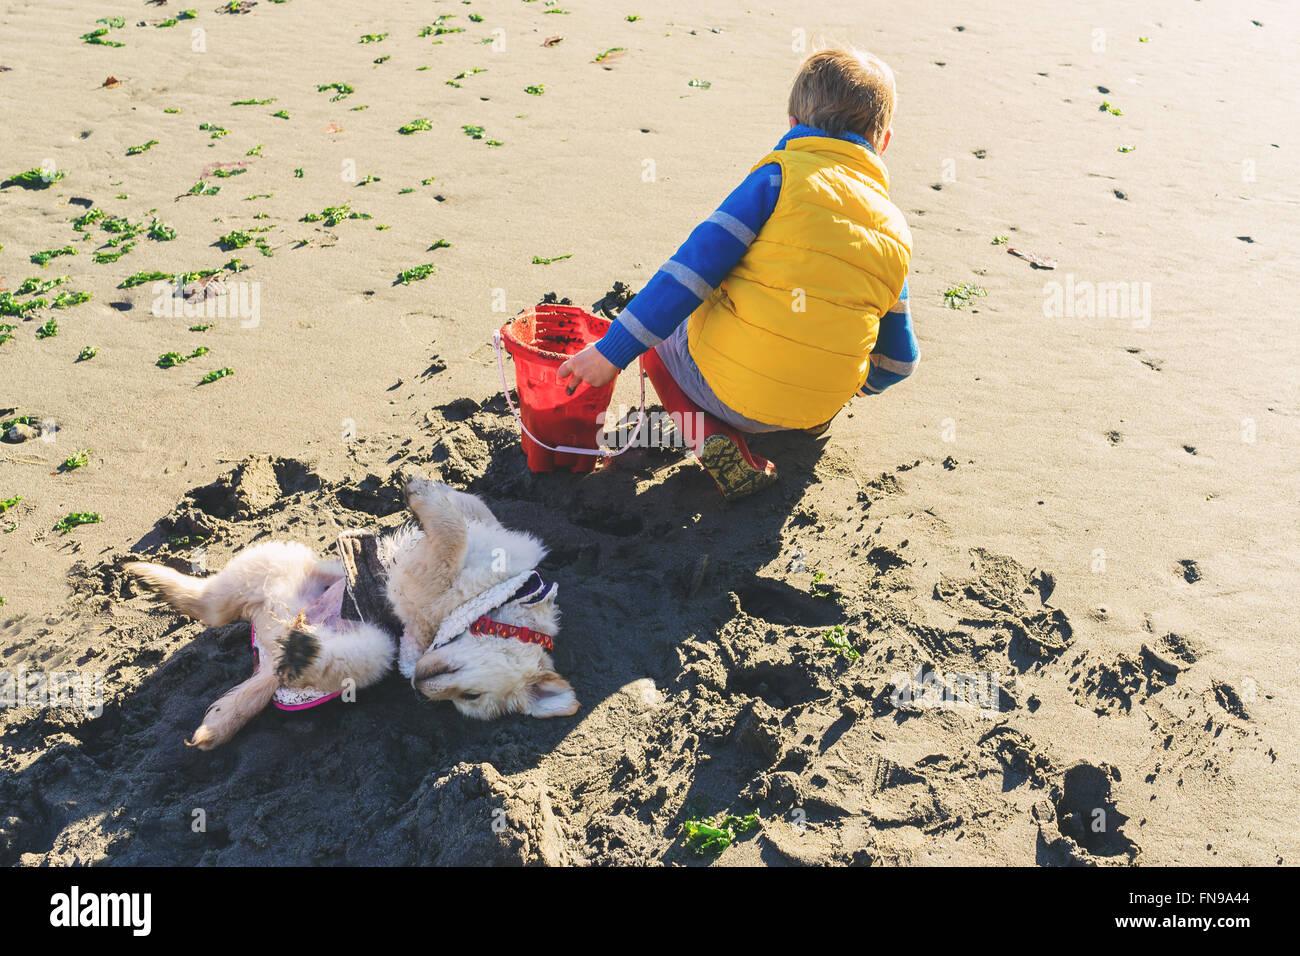 Garçon de creuser sur plage avec chien matériel roulant dans le sable Photo Stock